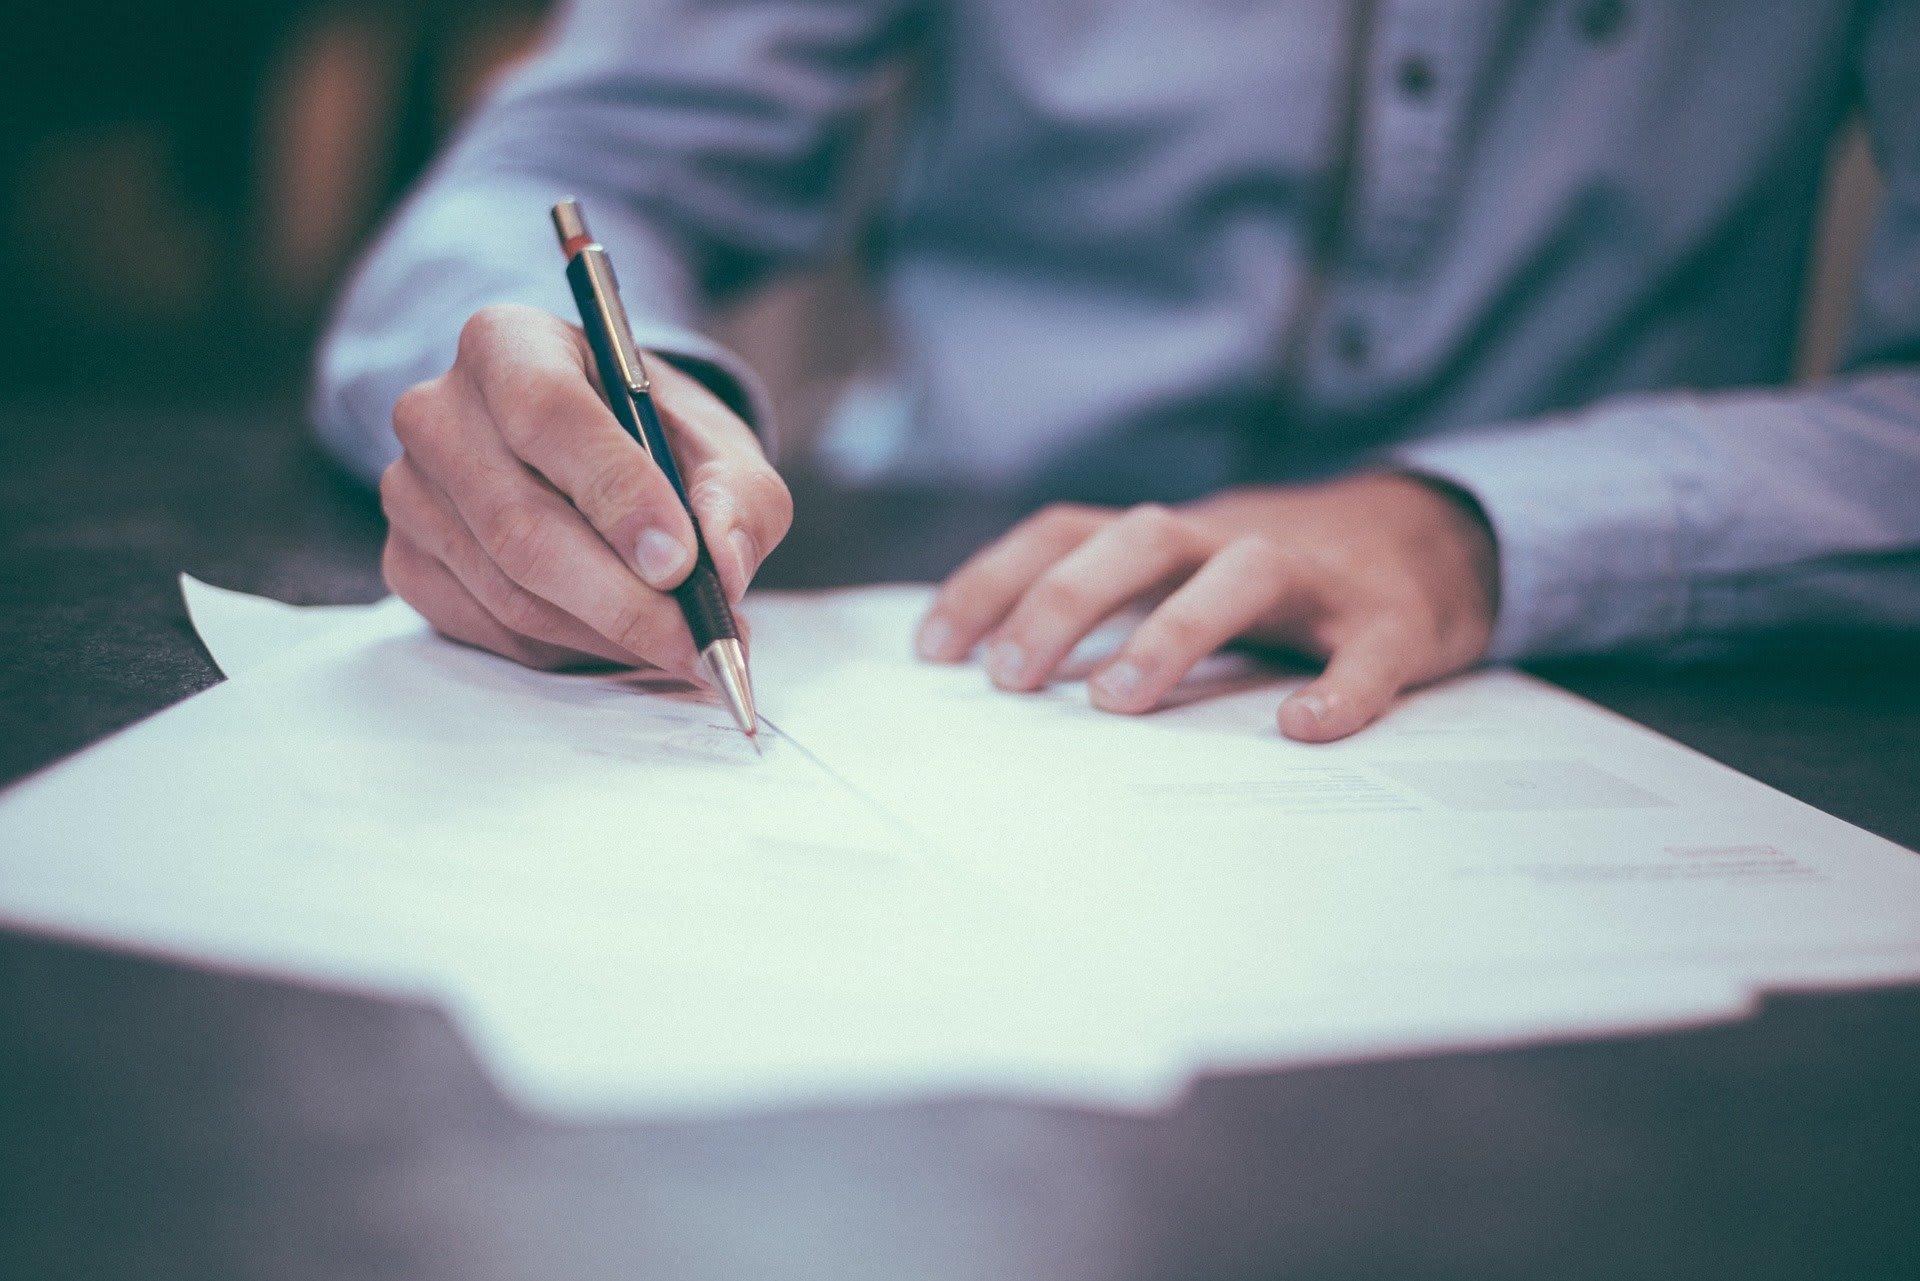 Ton entreprise n'attend que toi pour débuter. Donne l'impulsion finale à ton projet de création d'entreprise en t'occupant des démarches administratives !